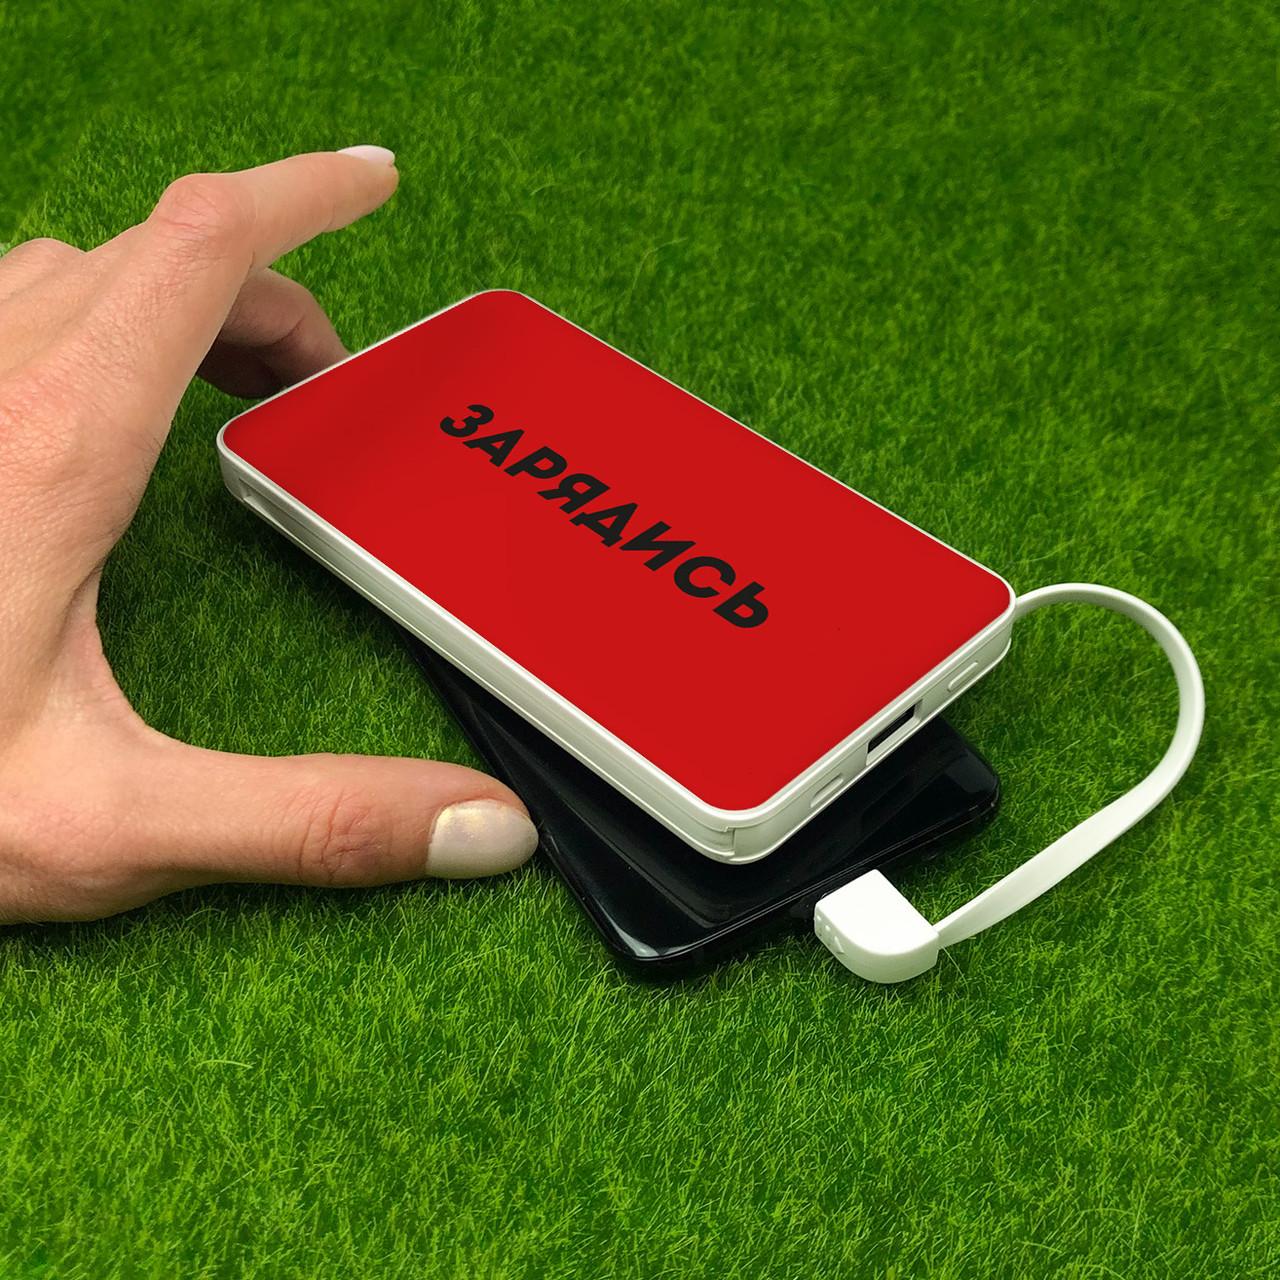 Повербанк с рисунком ZIZ Зарядись 10000 mAh Powerbank повер банк power bank, портативный, внешний аккумулятор